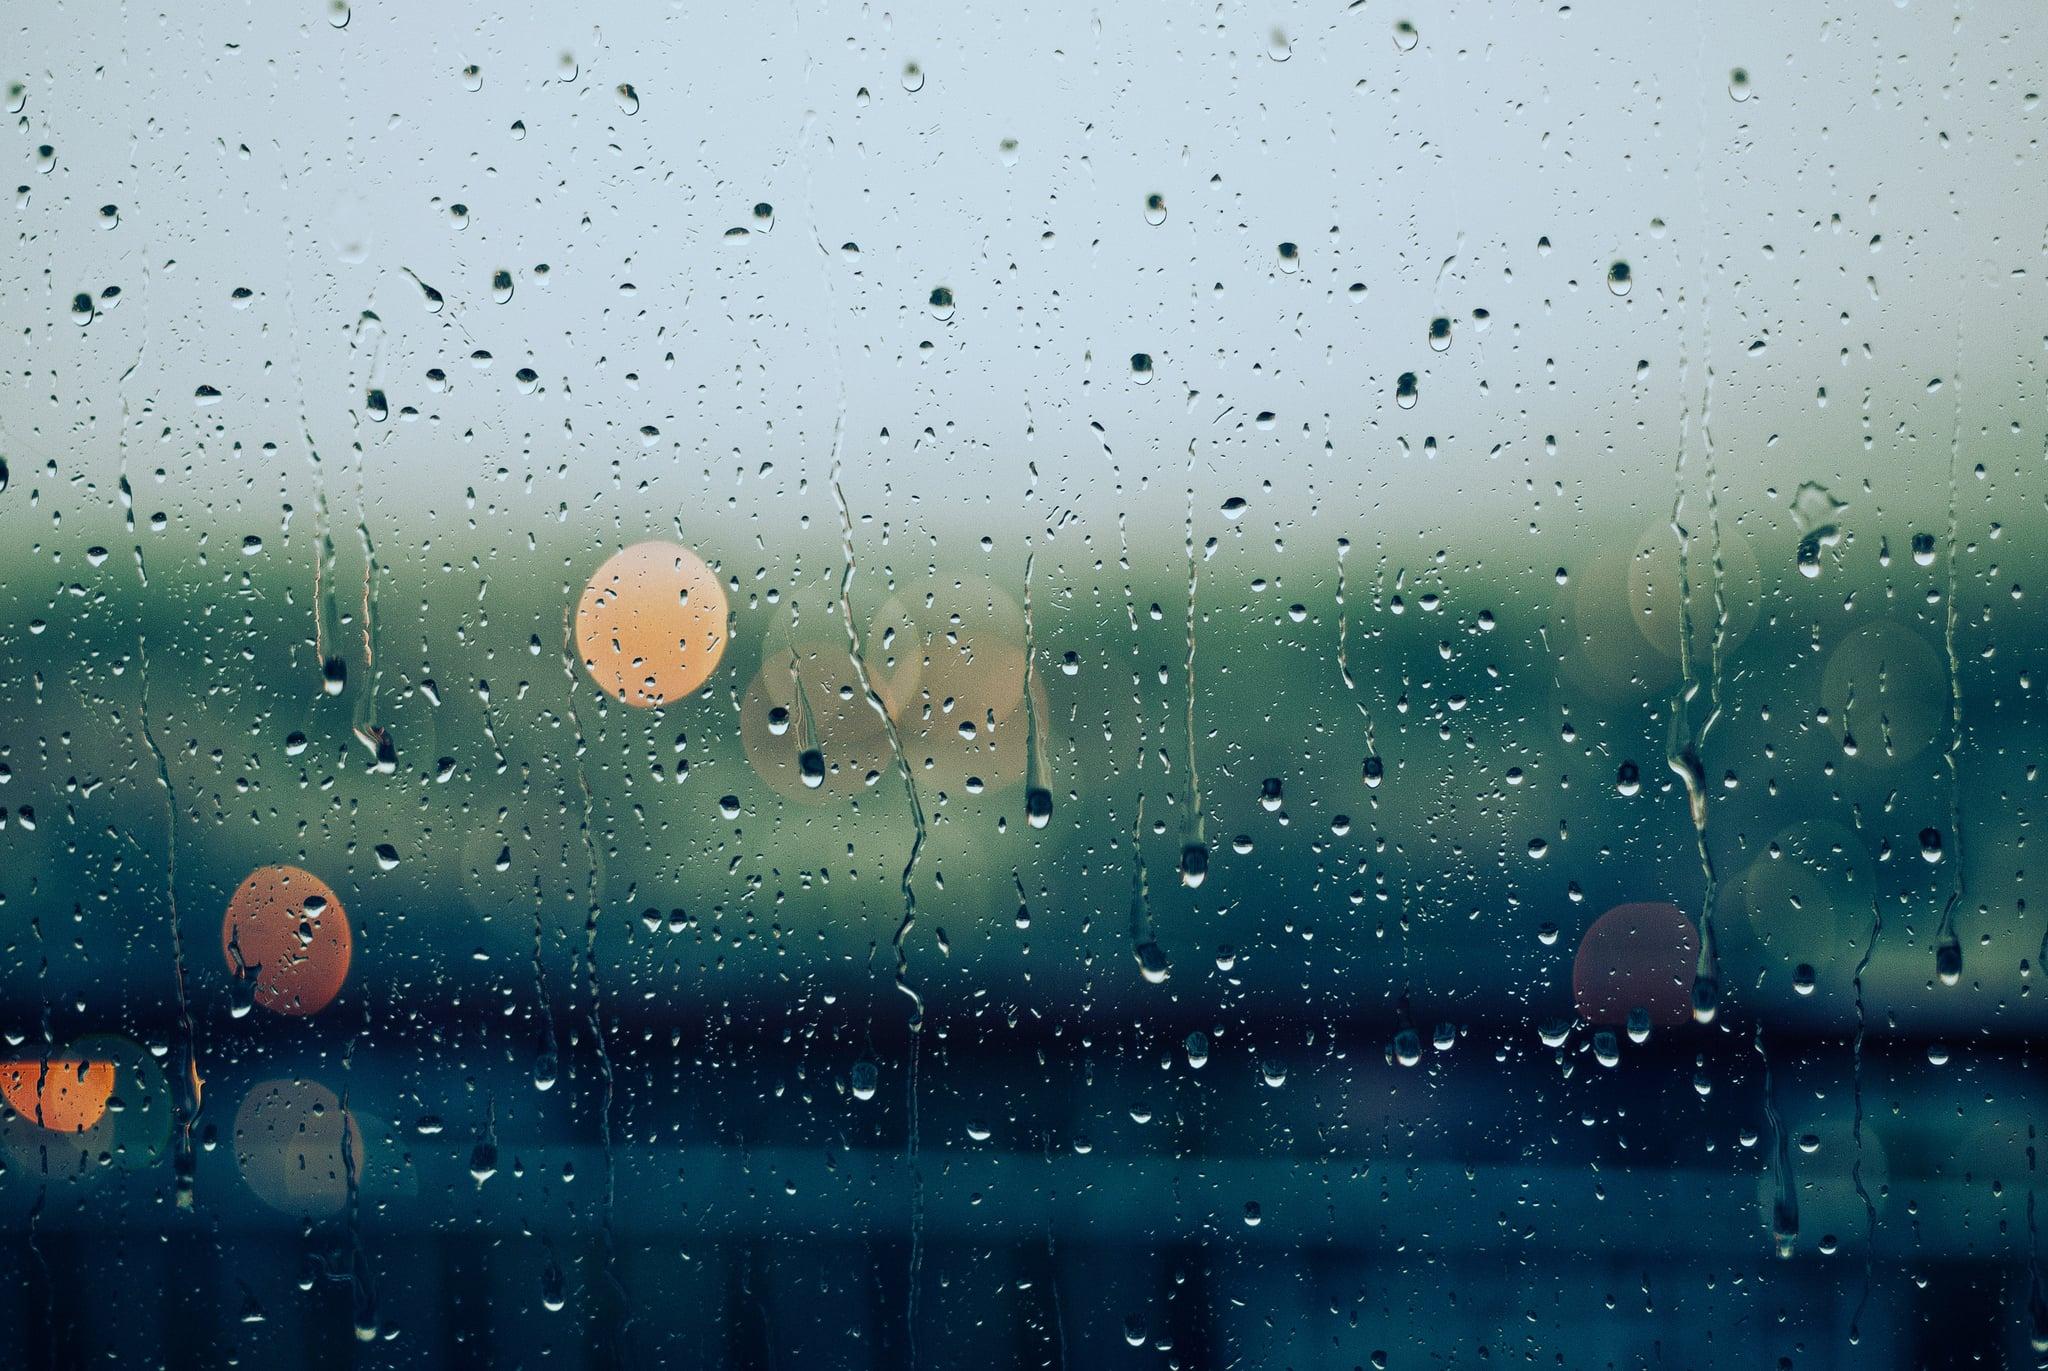 梅雨時のジメジメ。イヤですね。